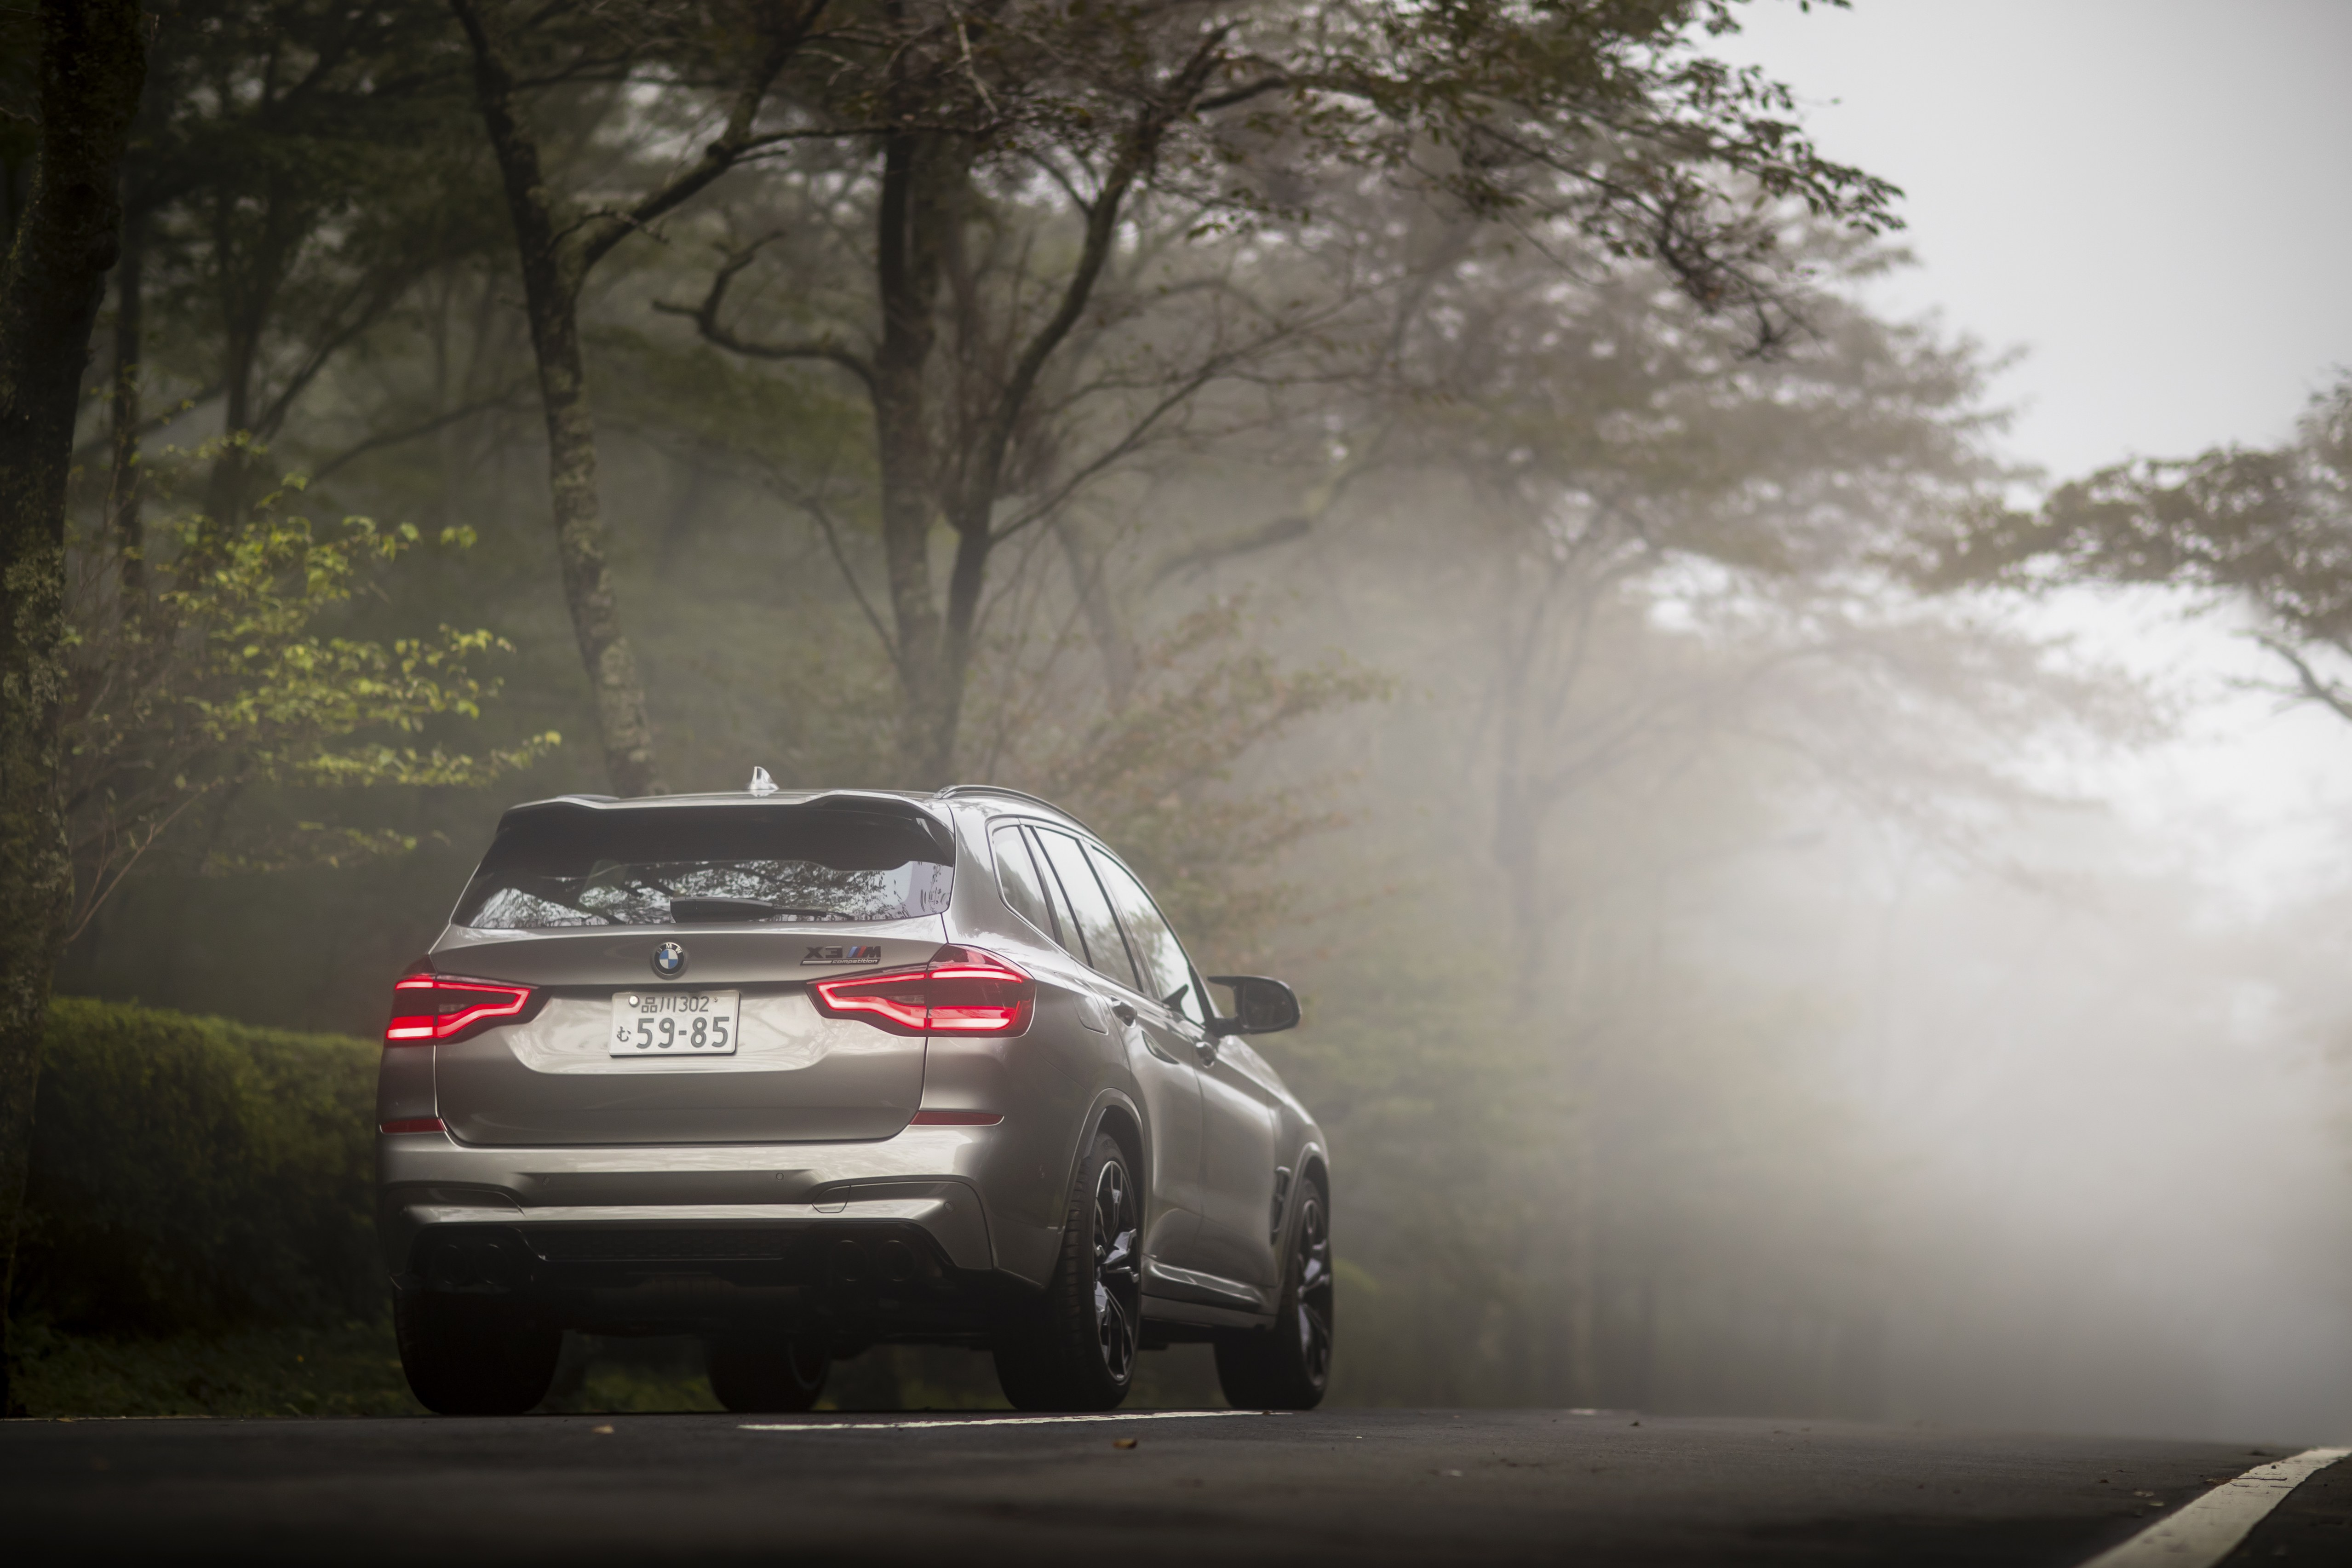 SUVのカタチをしたスポーツカー【BMW X3 M コンペティション試乗記】